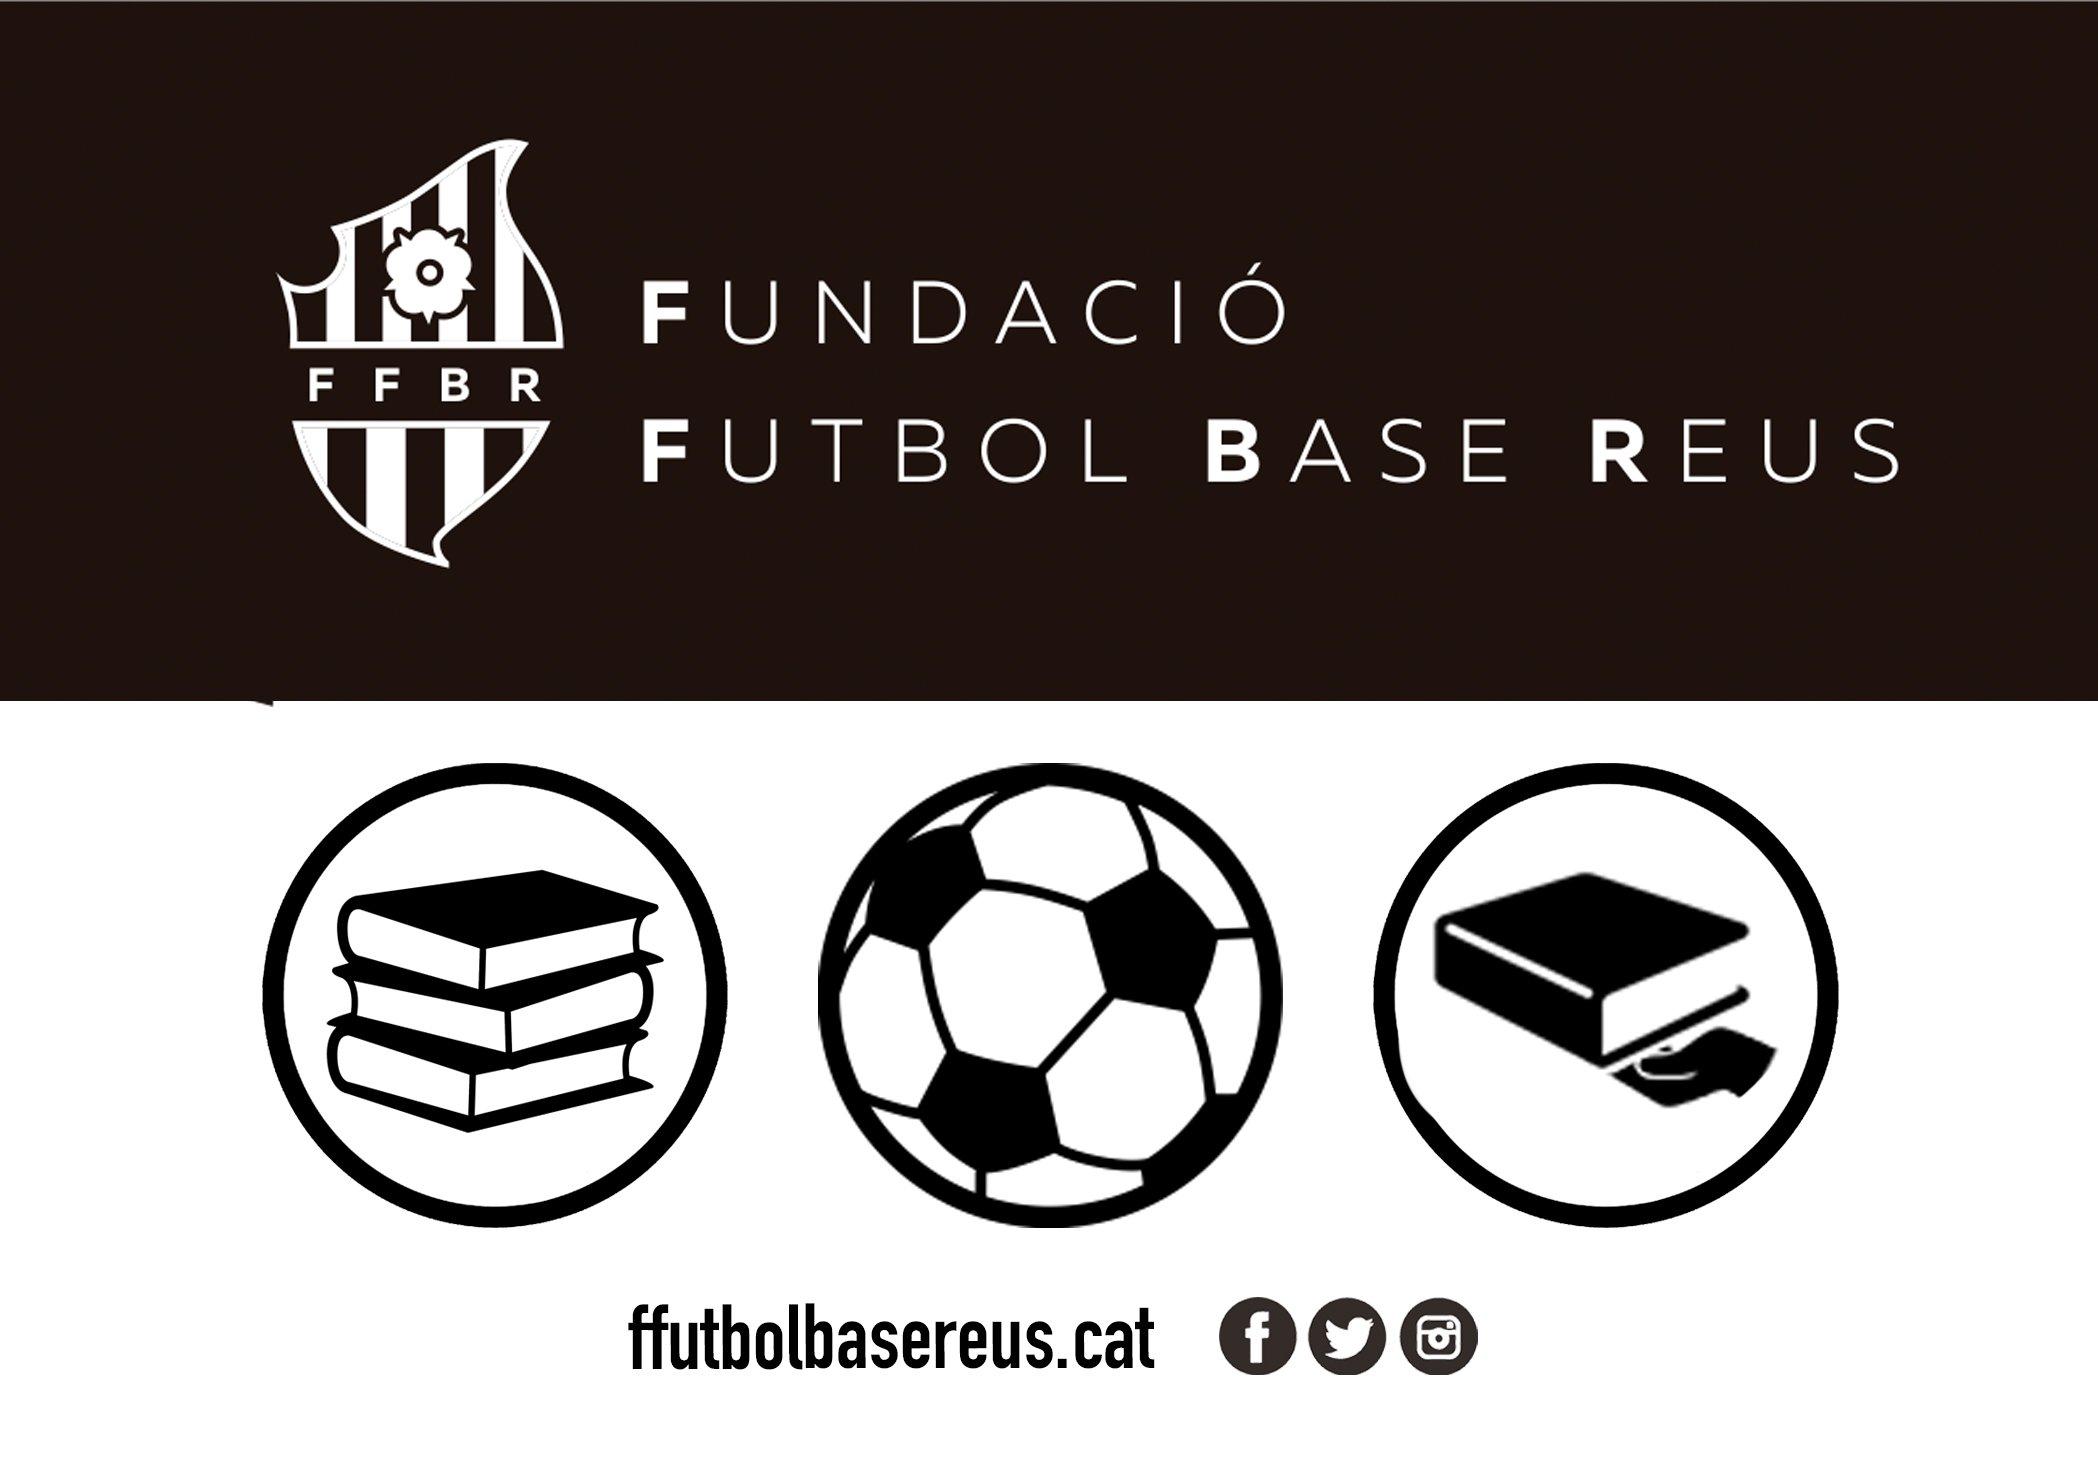 La Fundació posa en marxa un servei de préstec intern de «Literatura i futbol»